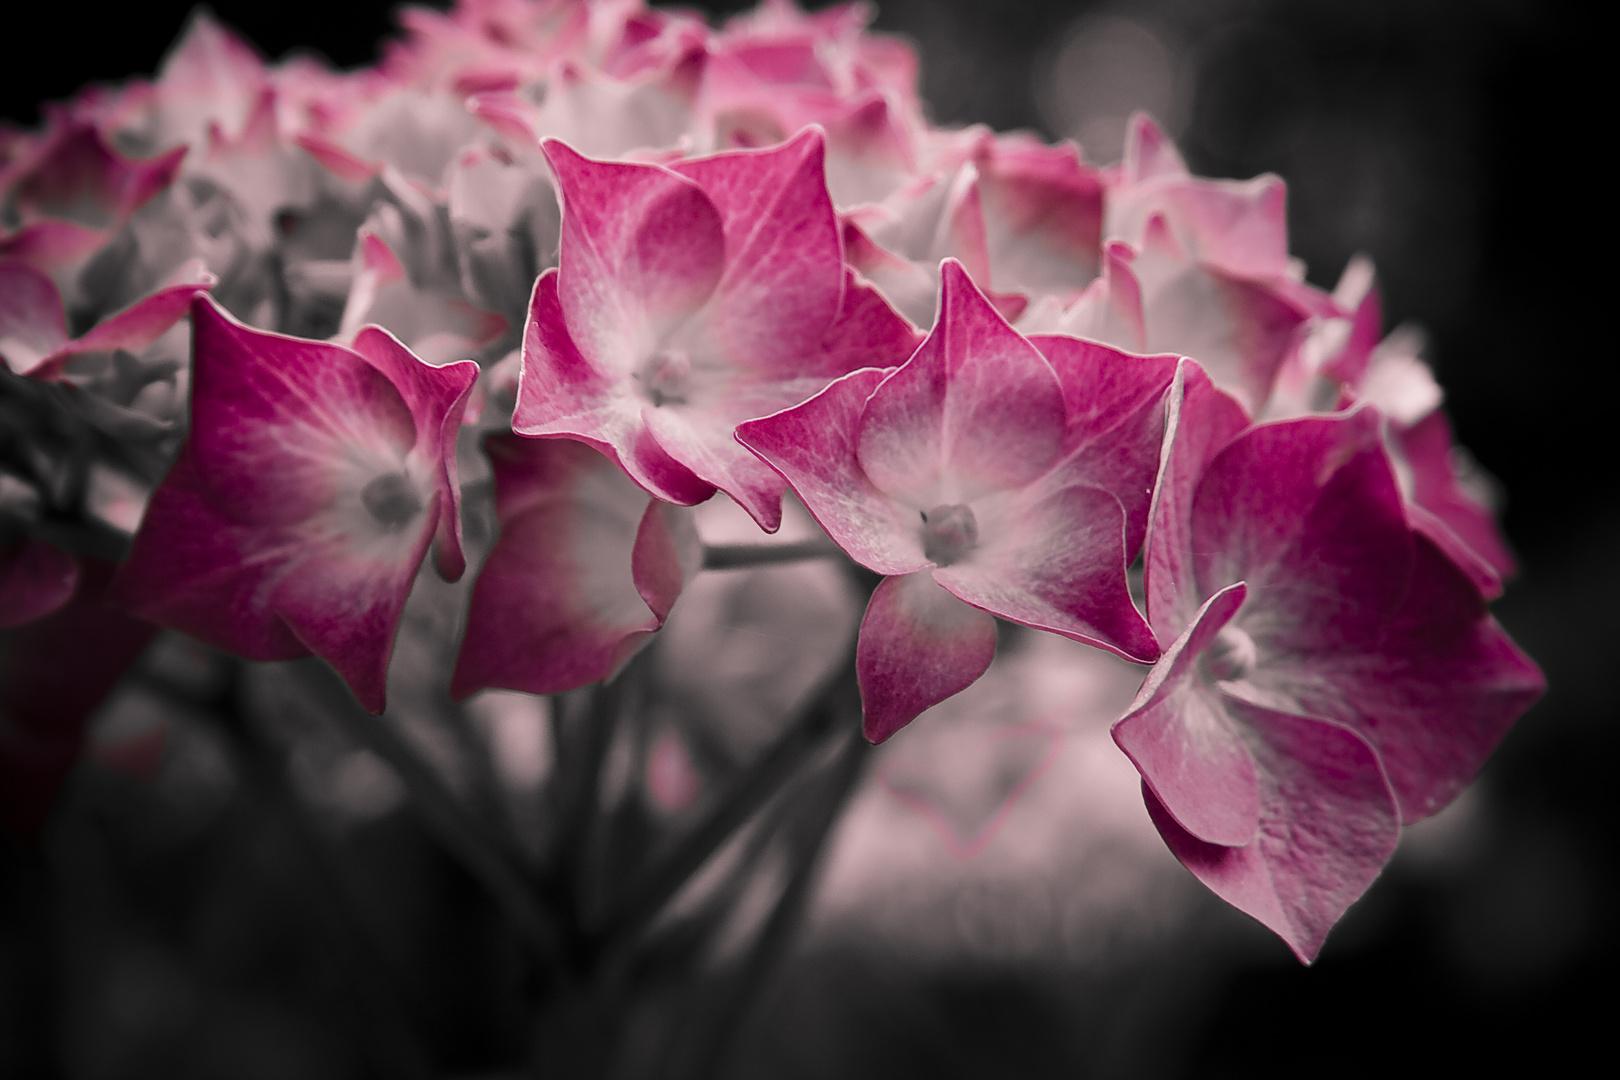 Eine Frau ohne Geheimnisse ist wie eine Blume ohne Duft. - Maurice Chevalier